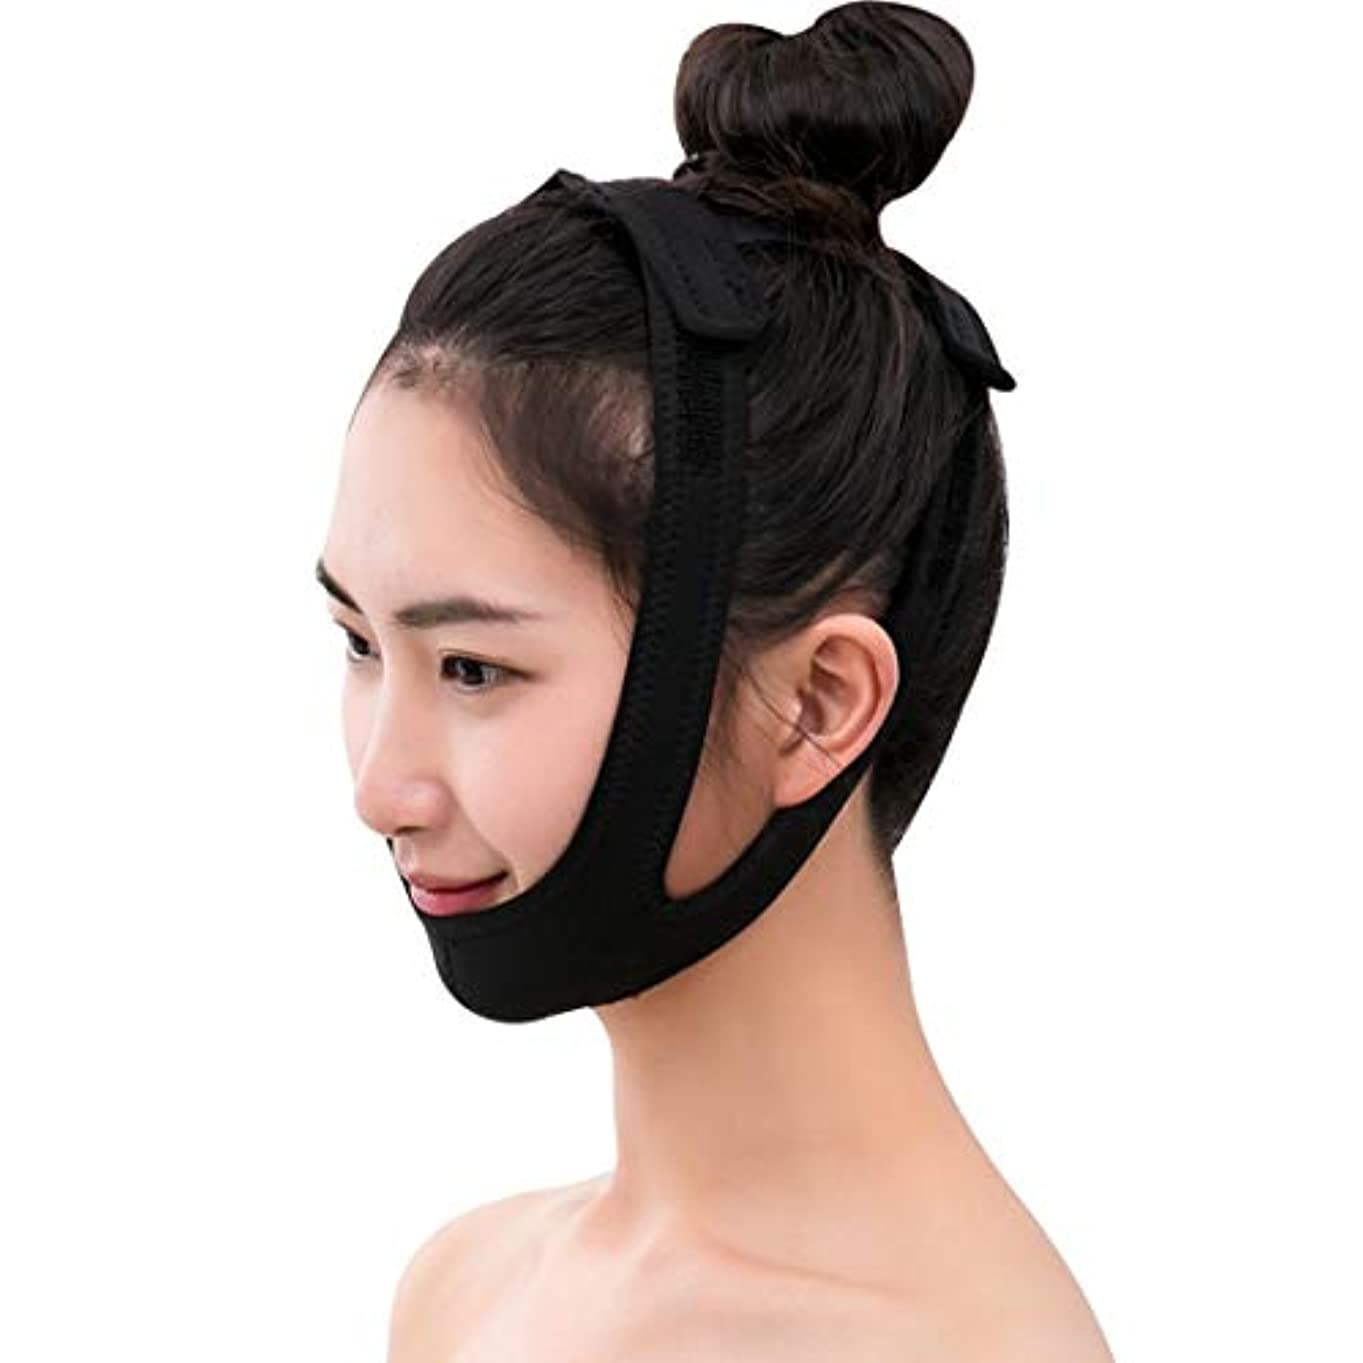 学習者持続的理容師ZWBD フェイスマスク, フェイスリフティング包帯マスク小さなVフェイス包帯はツールで引くことができます睡眠薄い顔の顔の持ち上がる美顔のマッサージ調整可能なサイズブラック